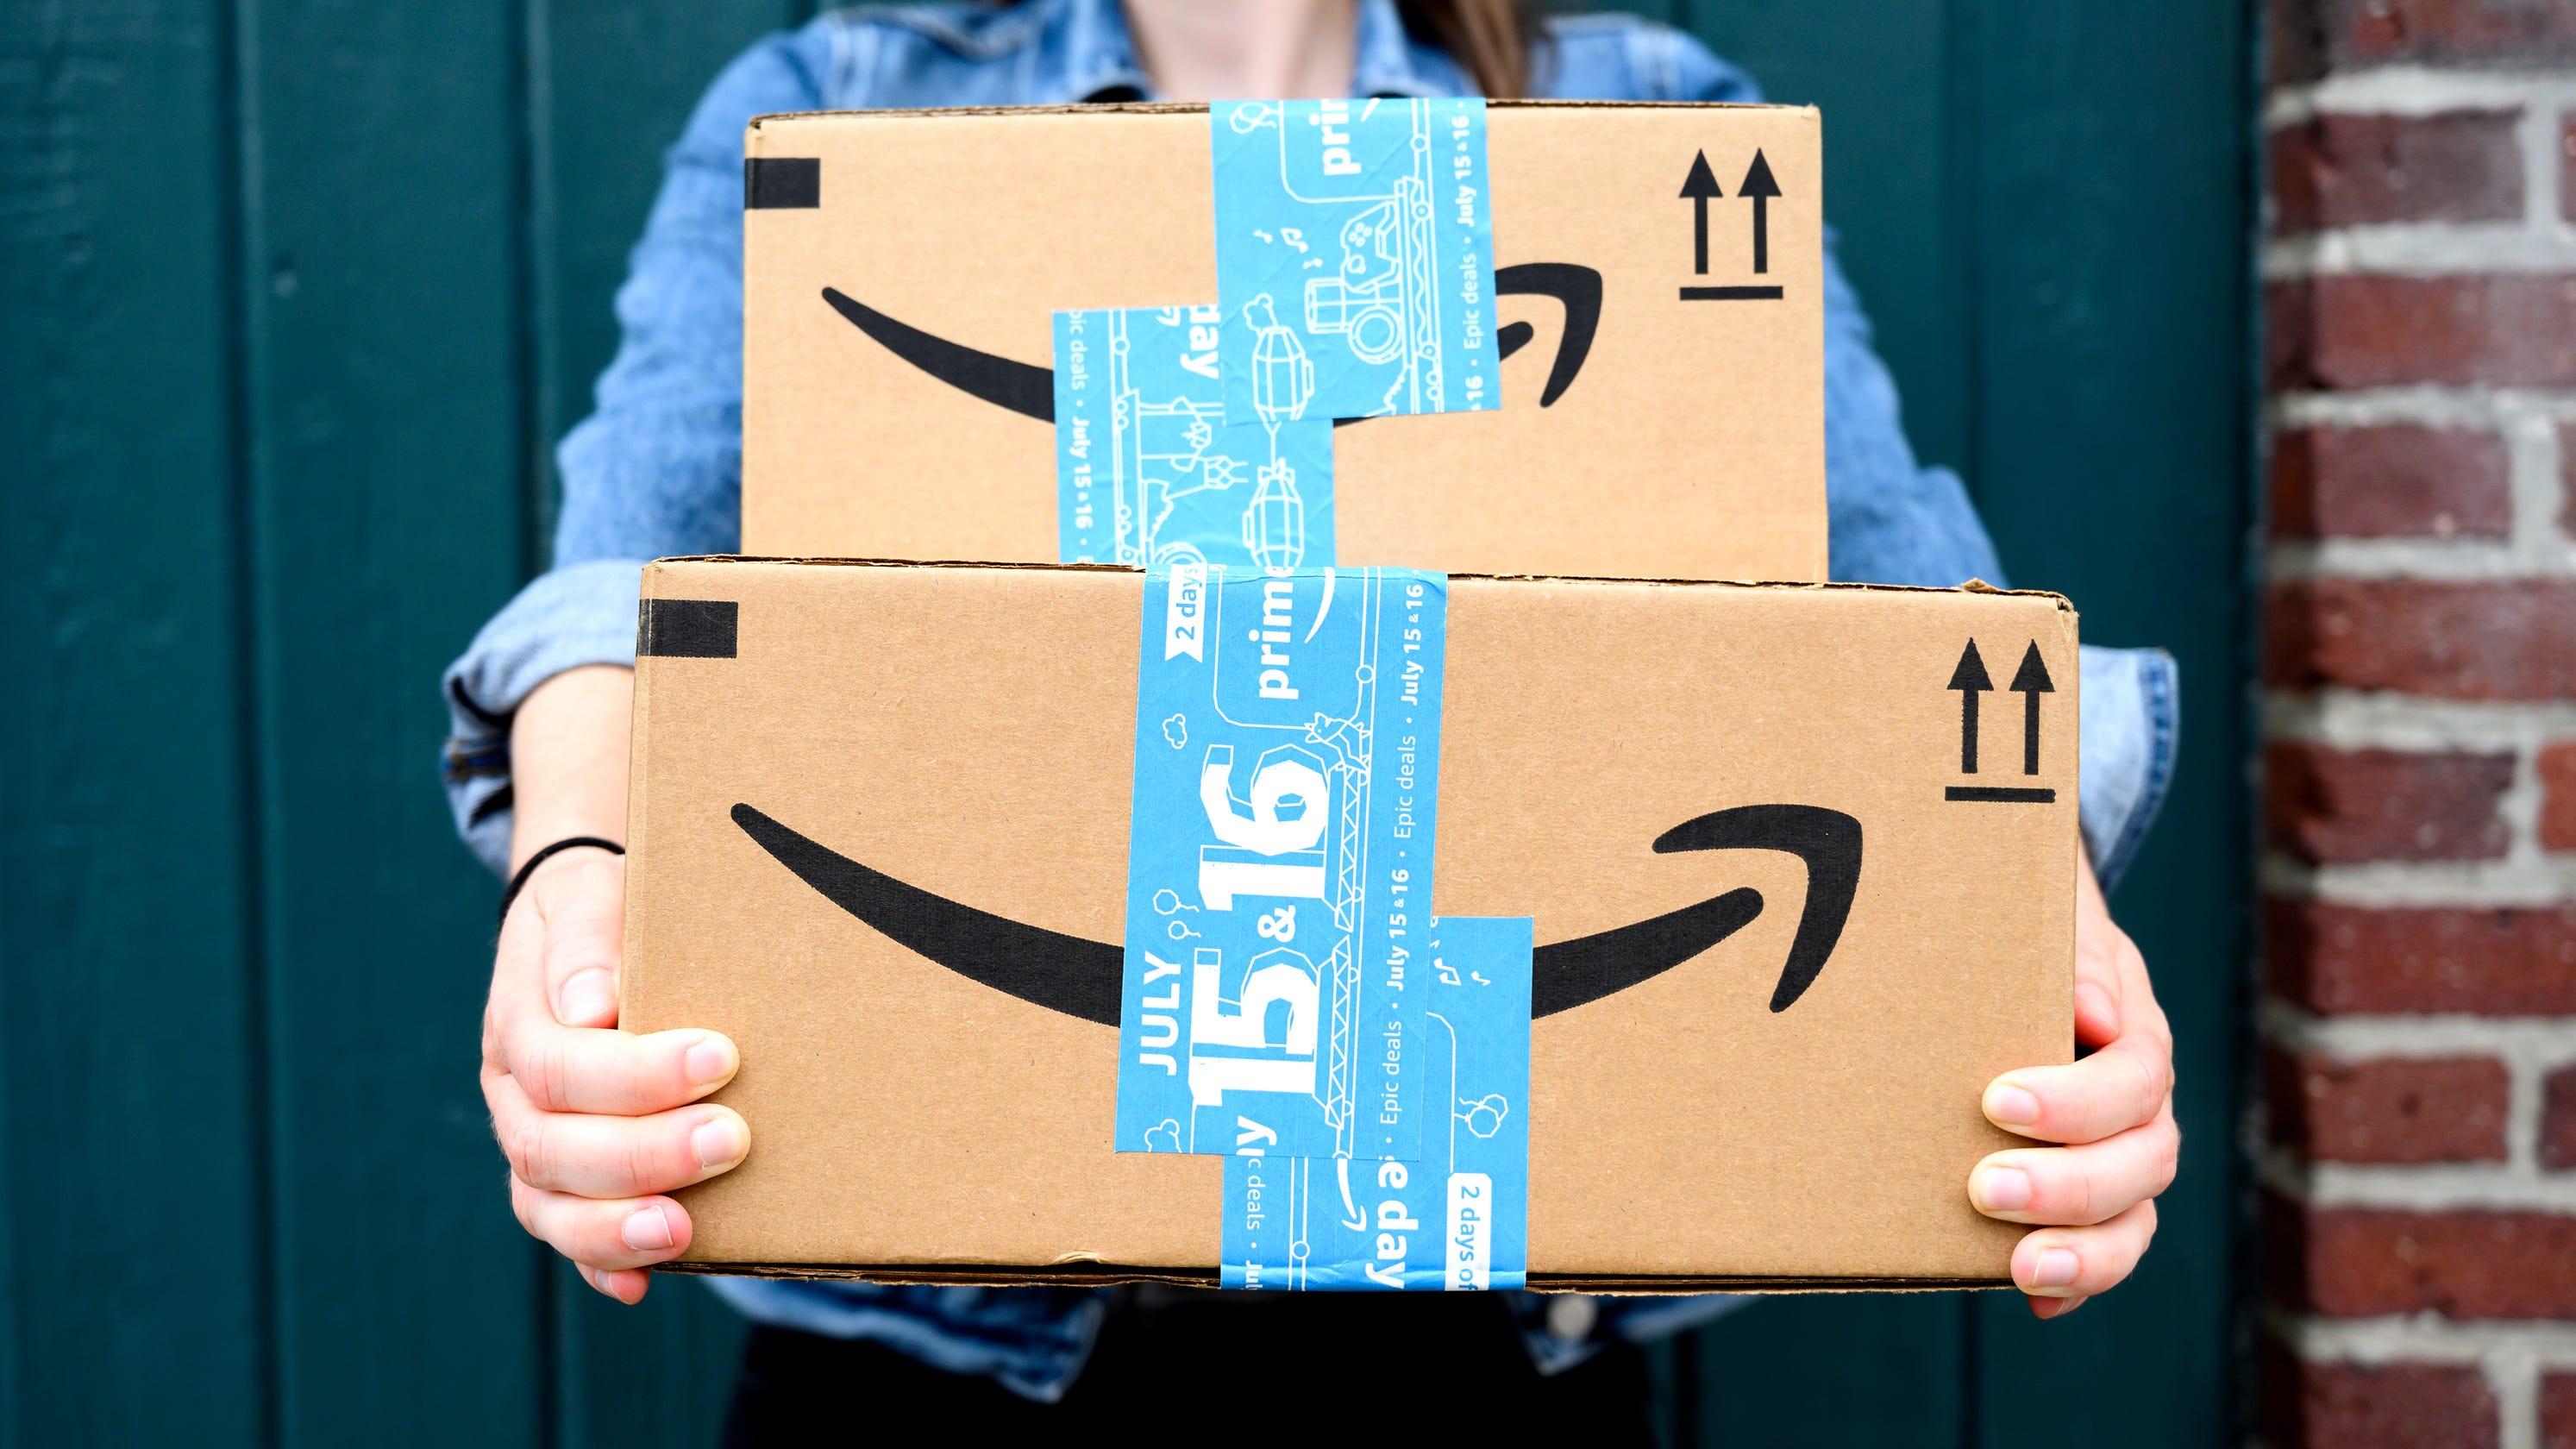 Amazon Prime Day 2019: Amazon released their Prime Day